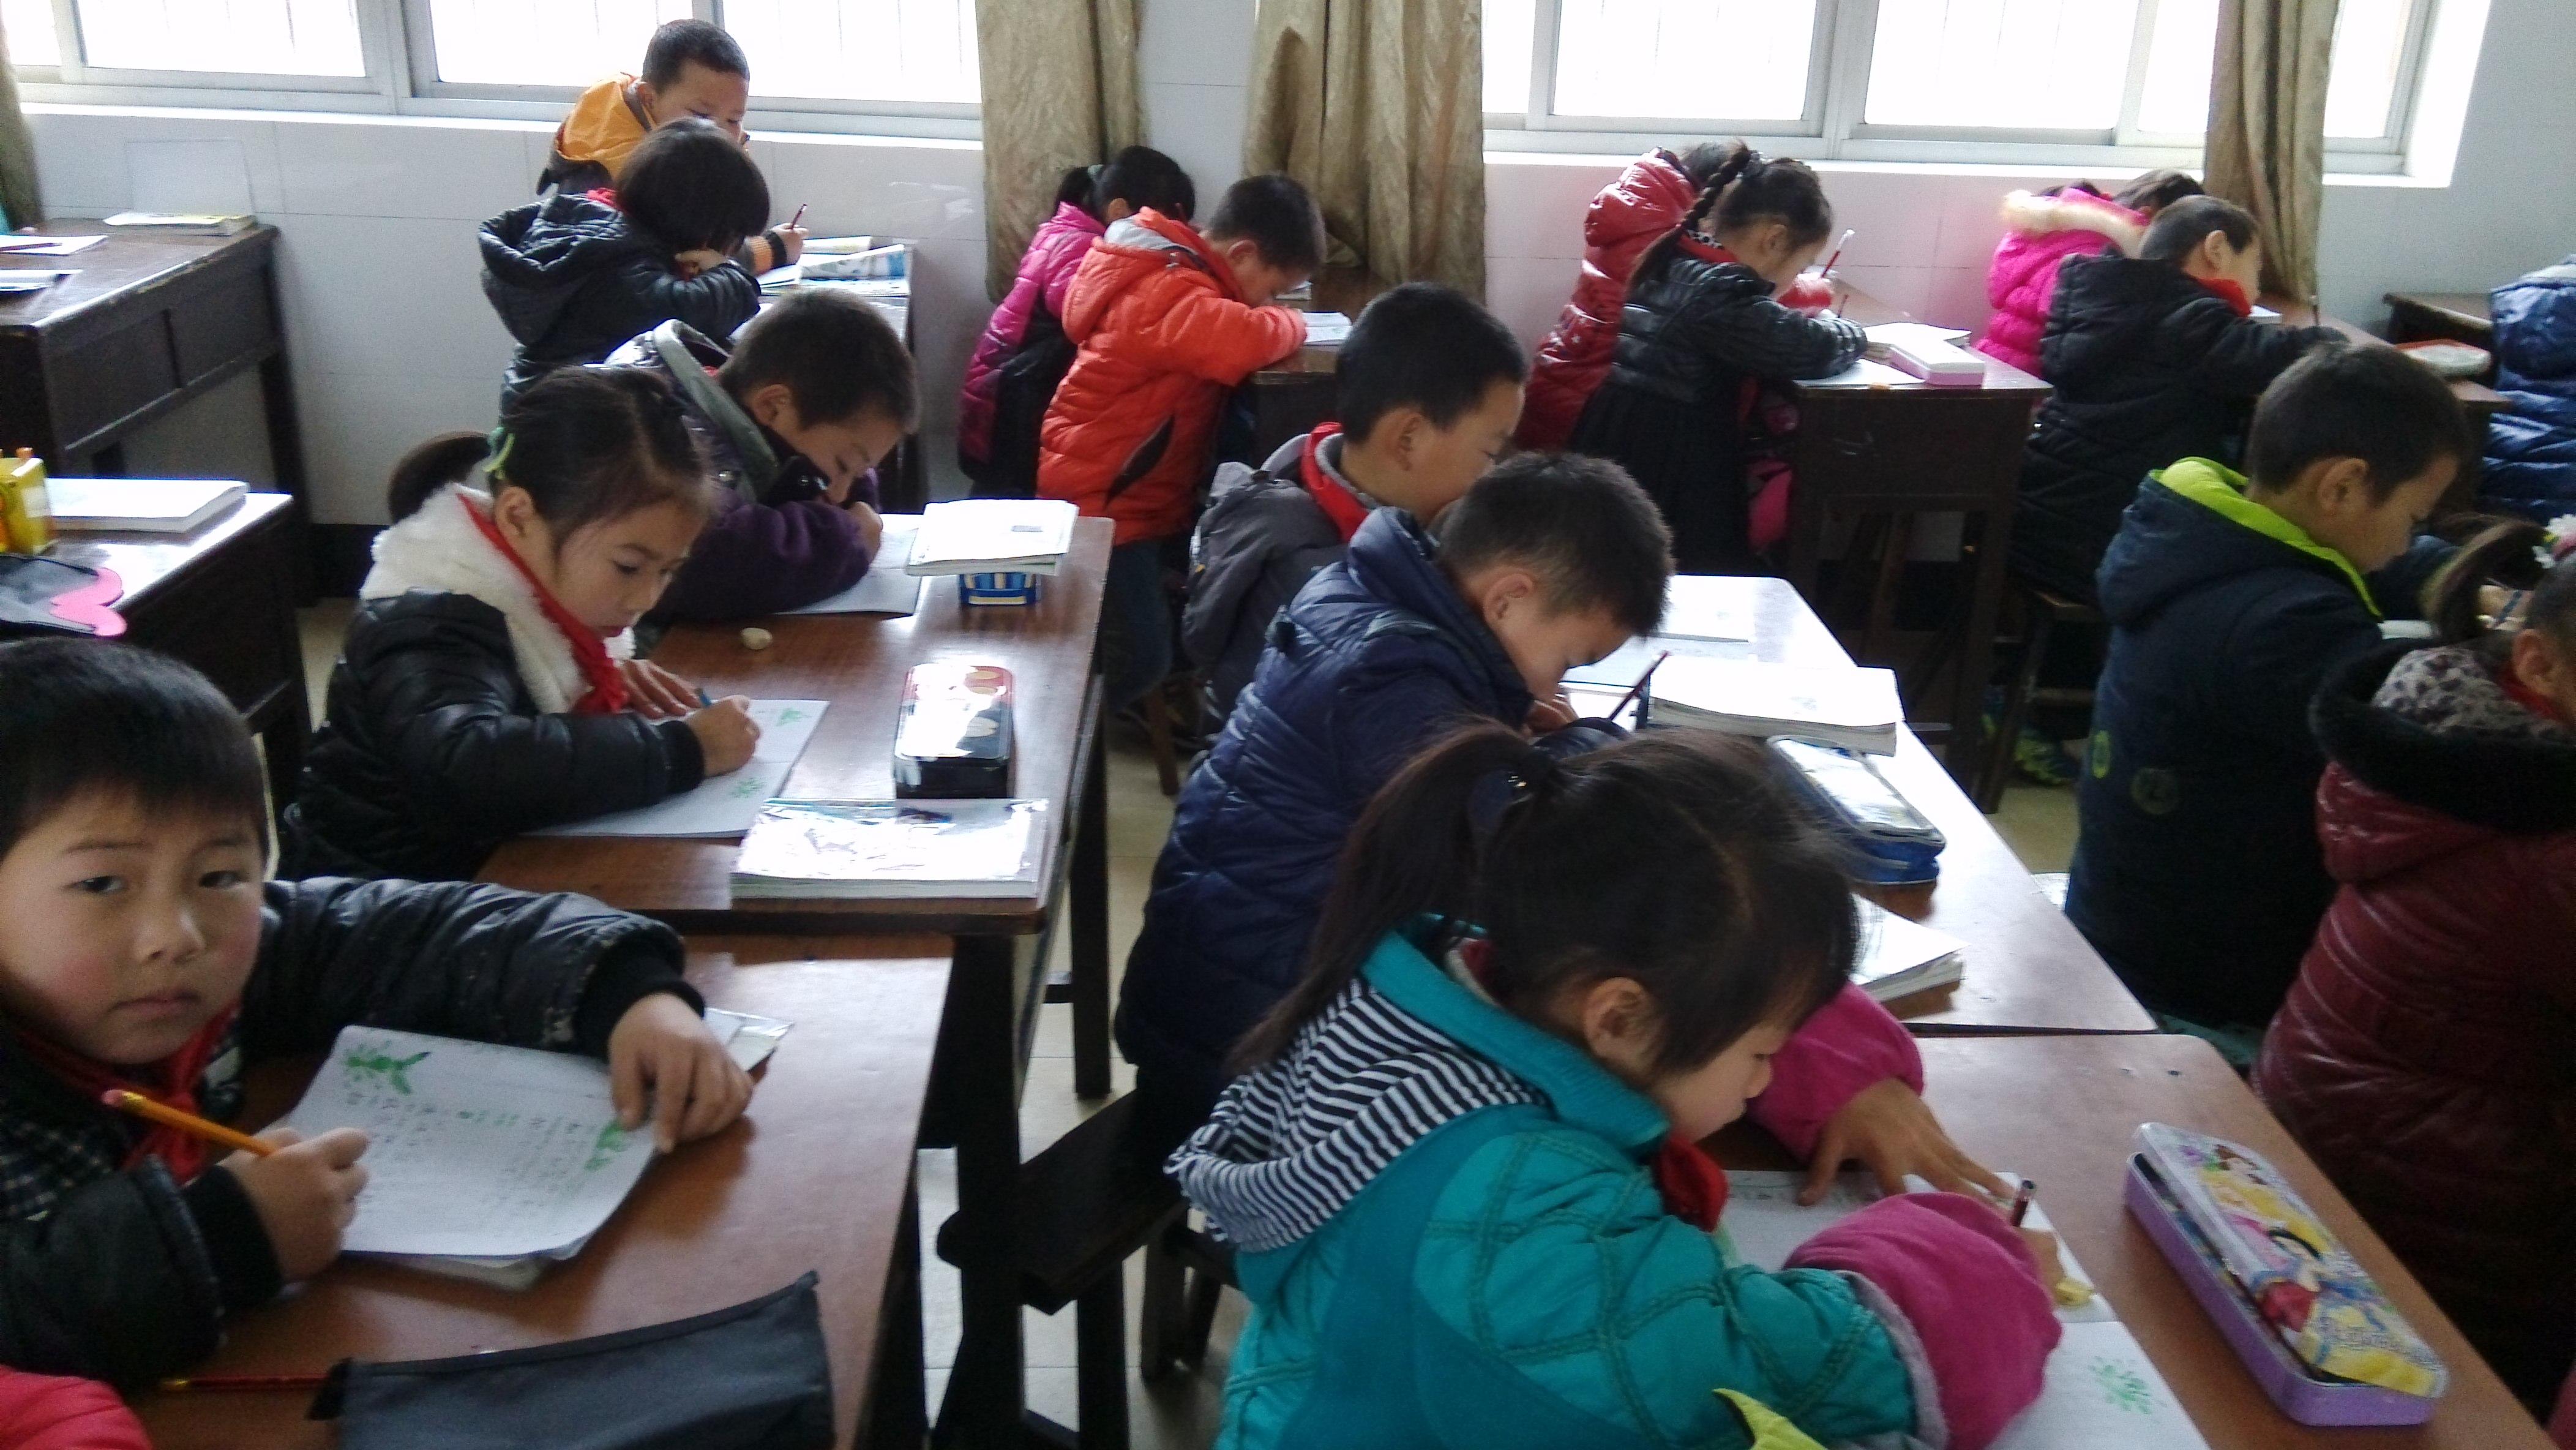 ...100 浙江省诸暨市大侣小学五年级1班图片 1282028 4208x2368